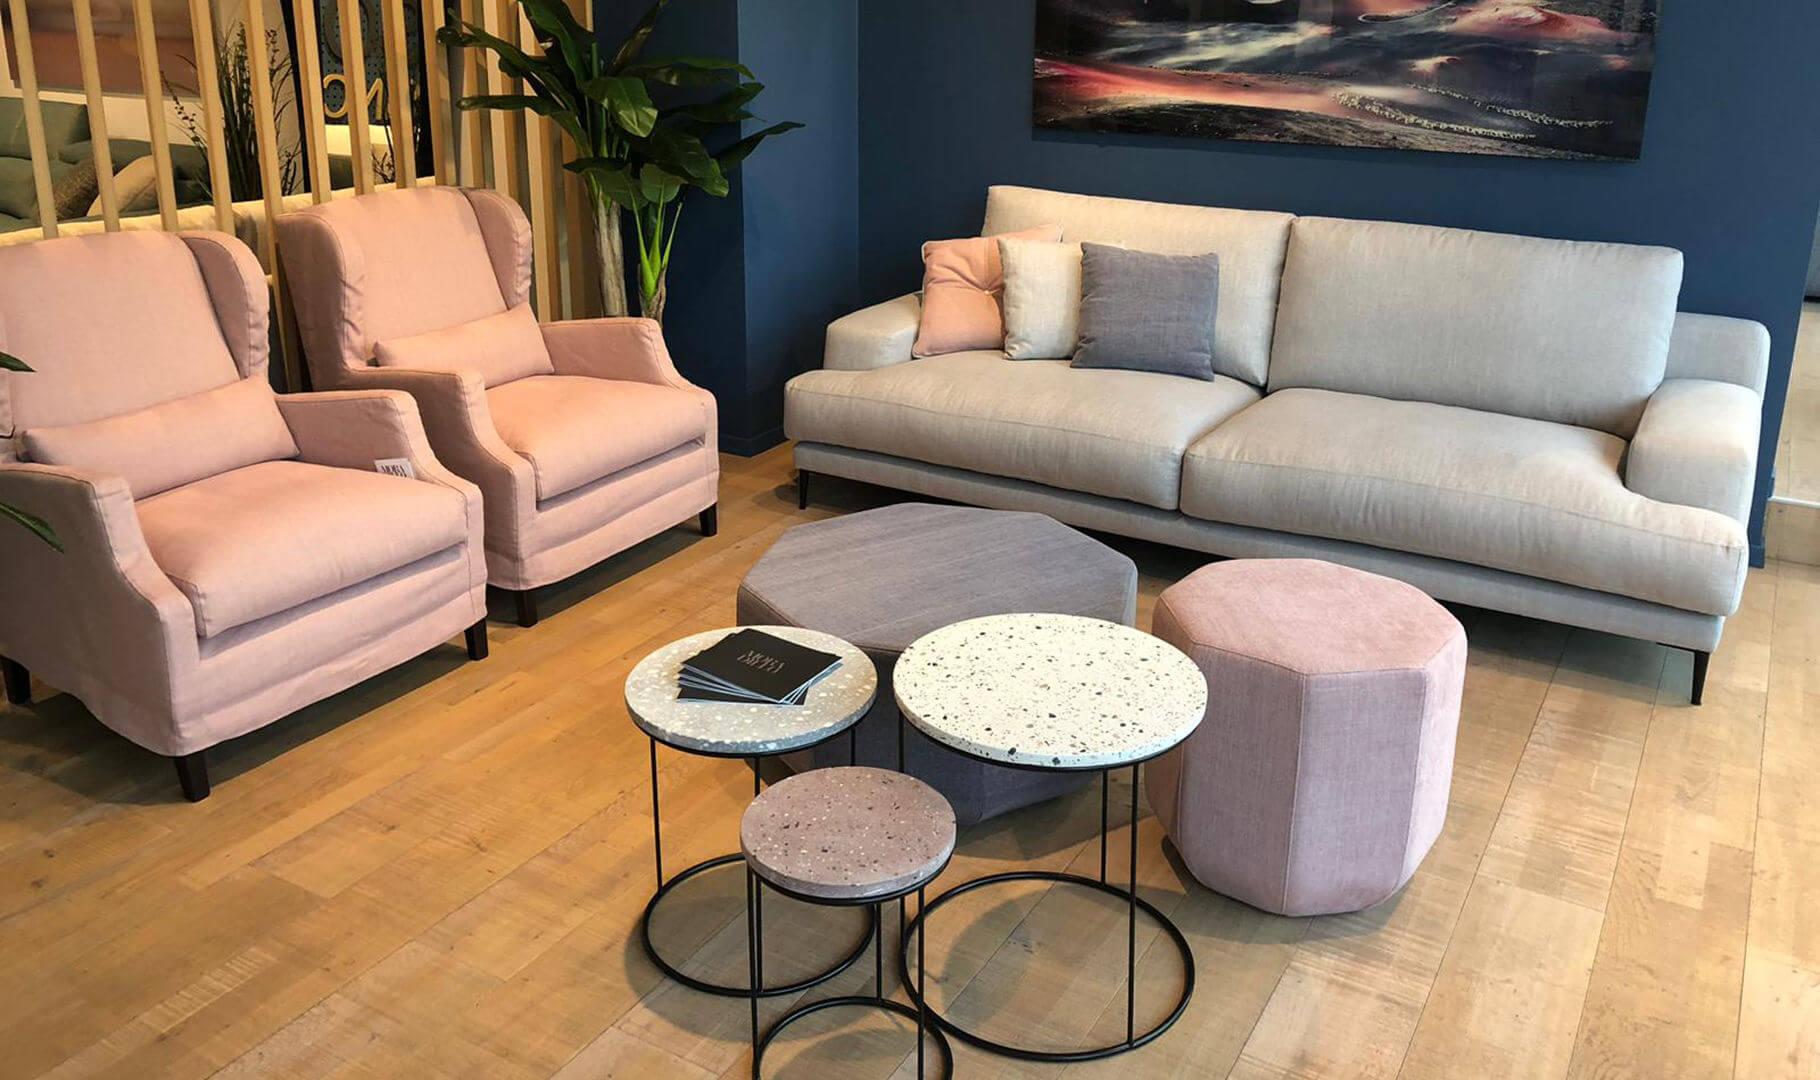 5 accesorios ideales para tu sofa